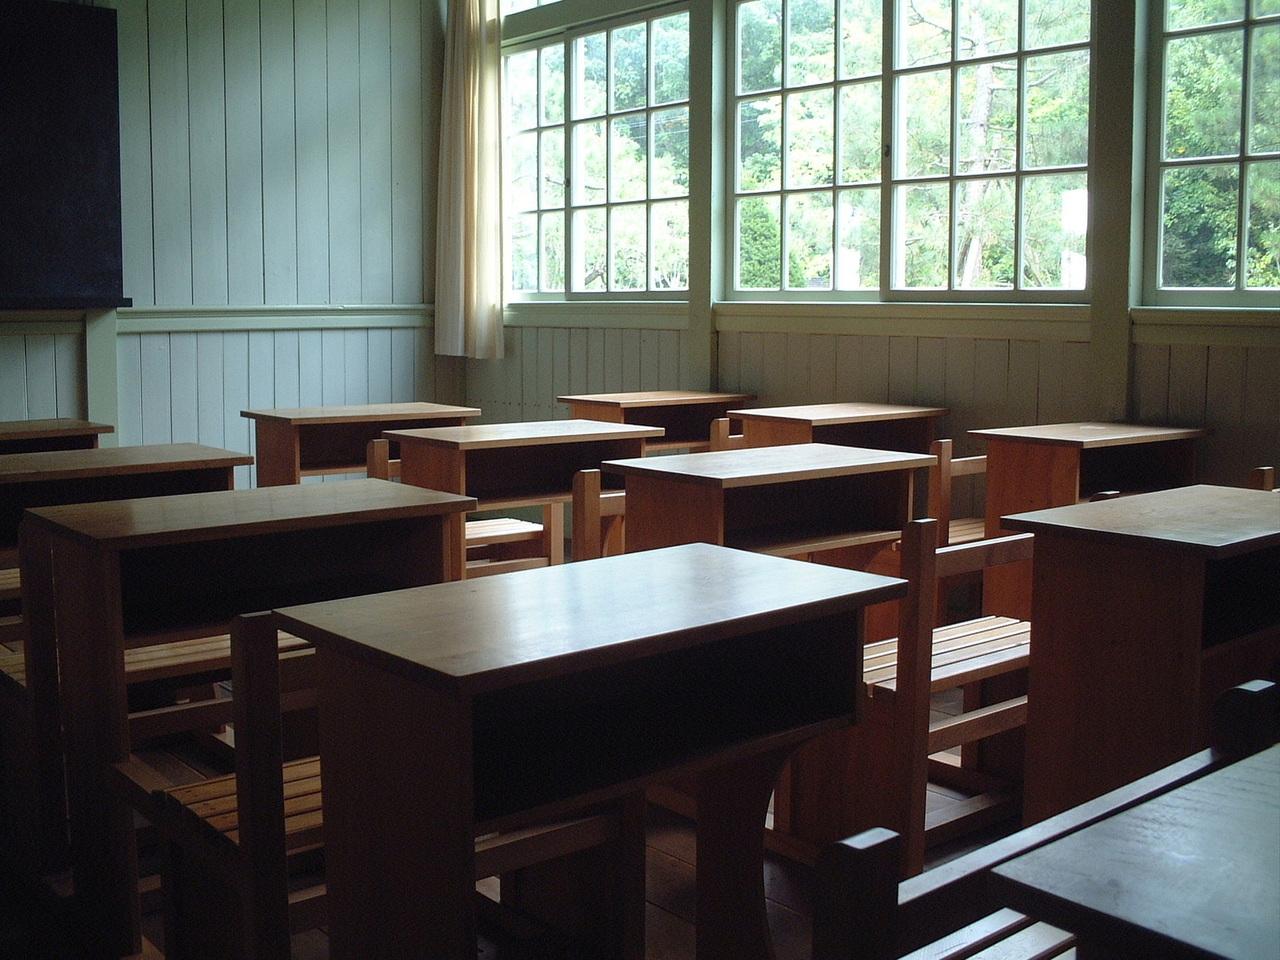 ネイルスクールの体験談とネイリストを目指す人へのアドバイス